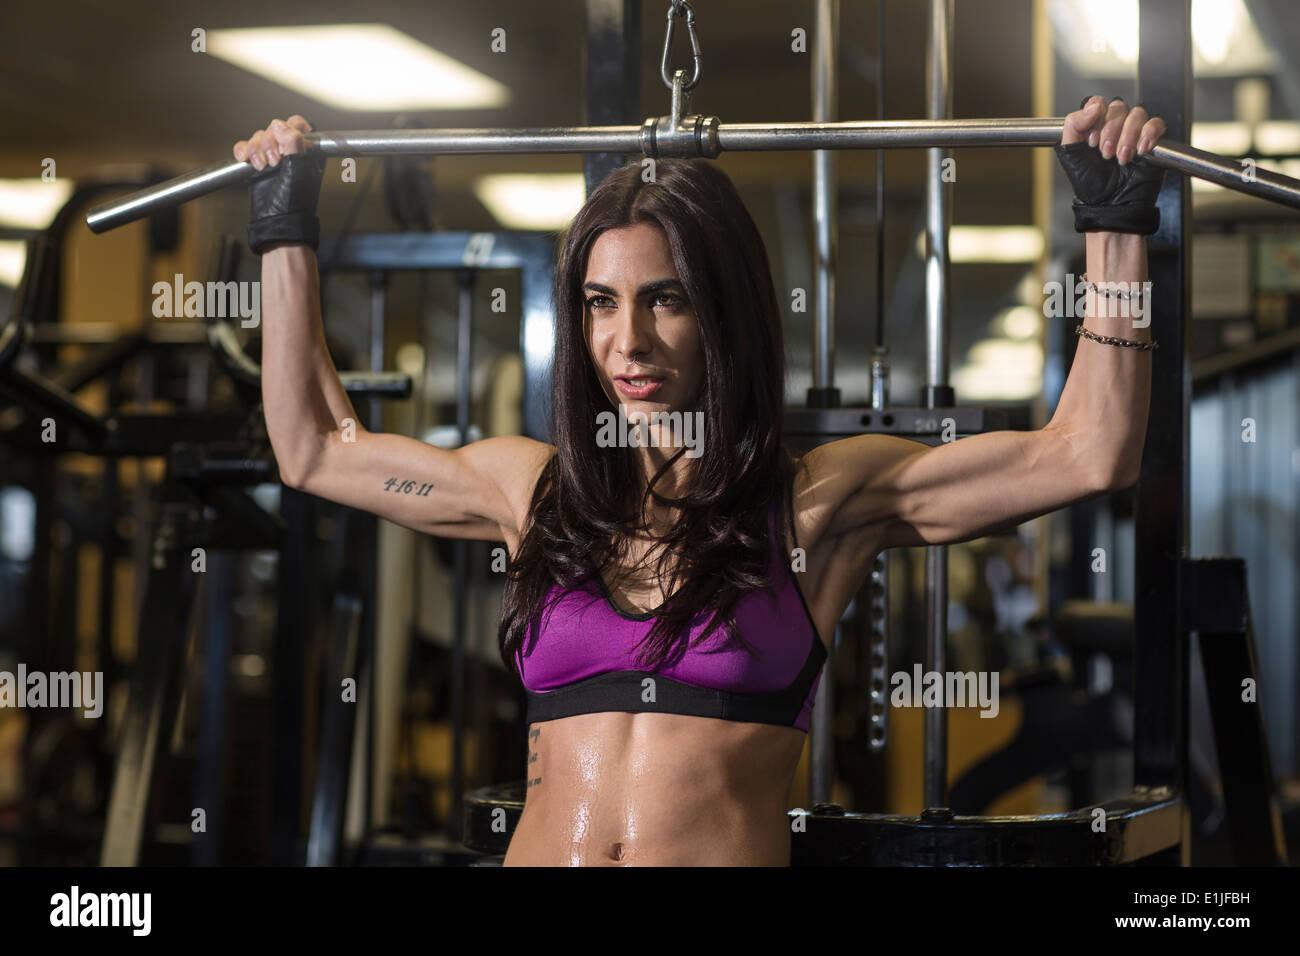 Mitad mujer adulta con la barra en el gimnasio para ejercicios pectorales Imagen De Stock